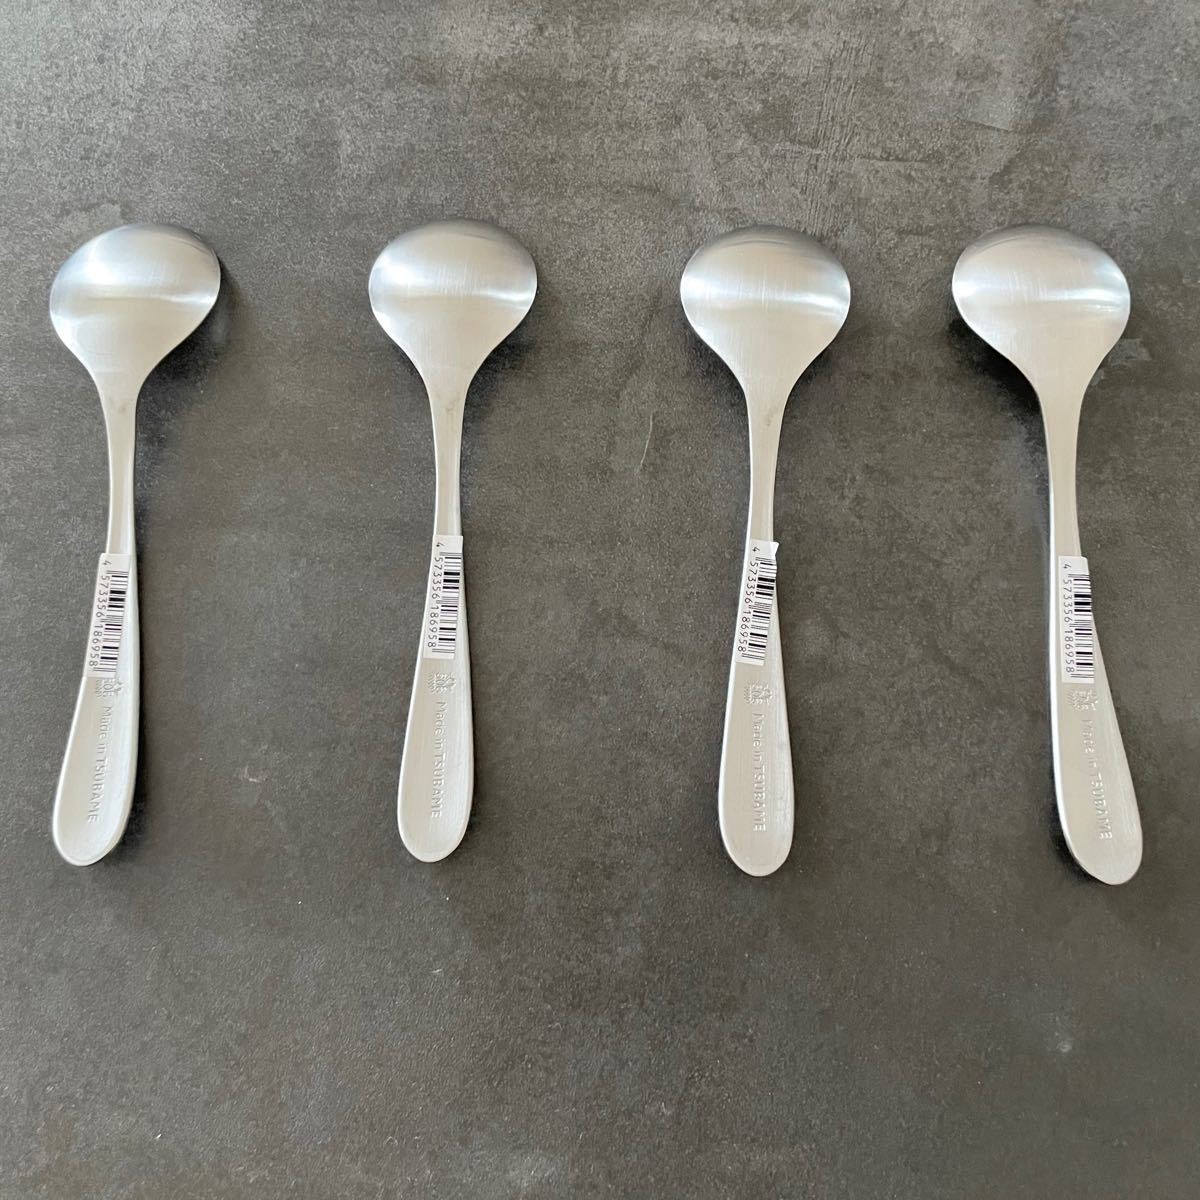 ツバメカトラリー 4本セット スープスプーン小 新品未使用 made in tsubame 燕